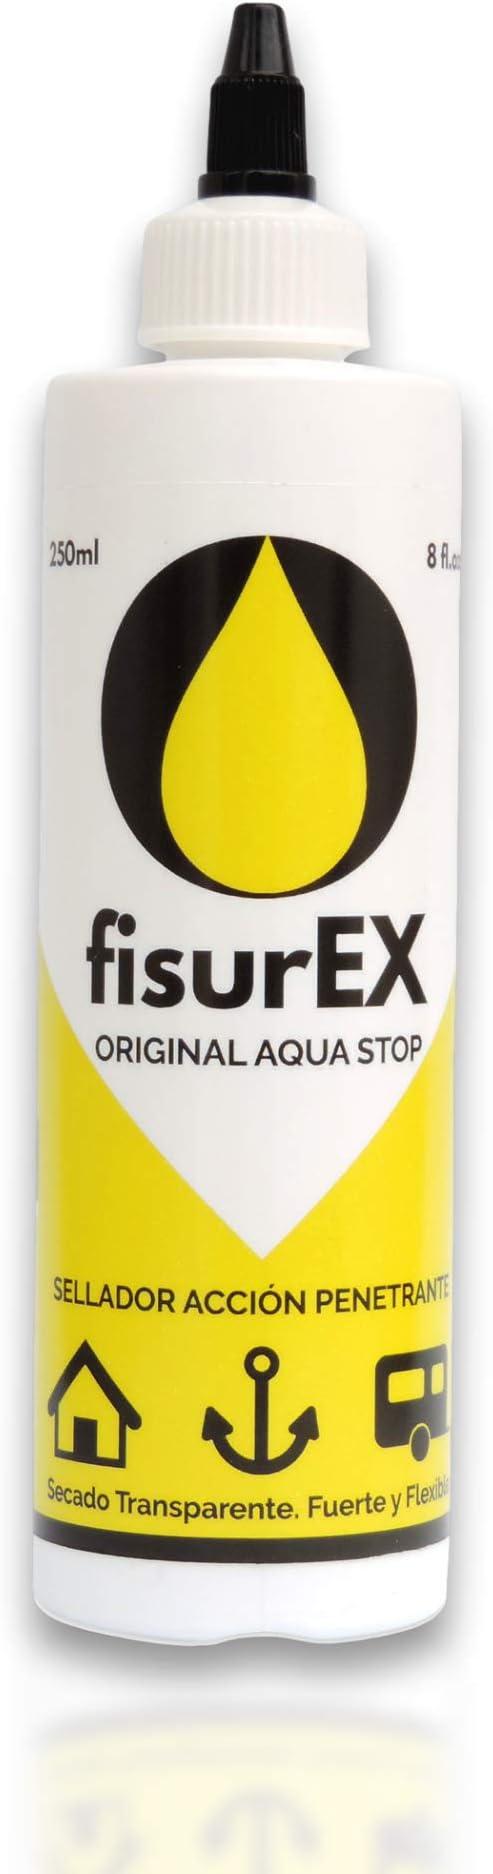 53 opinioni per fisurEX Original Aqua Stop- Sigillante per crepe capillari, 250 ml